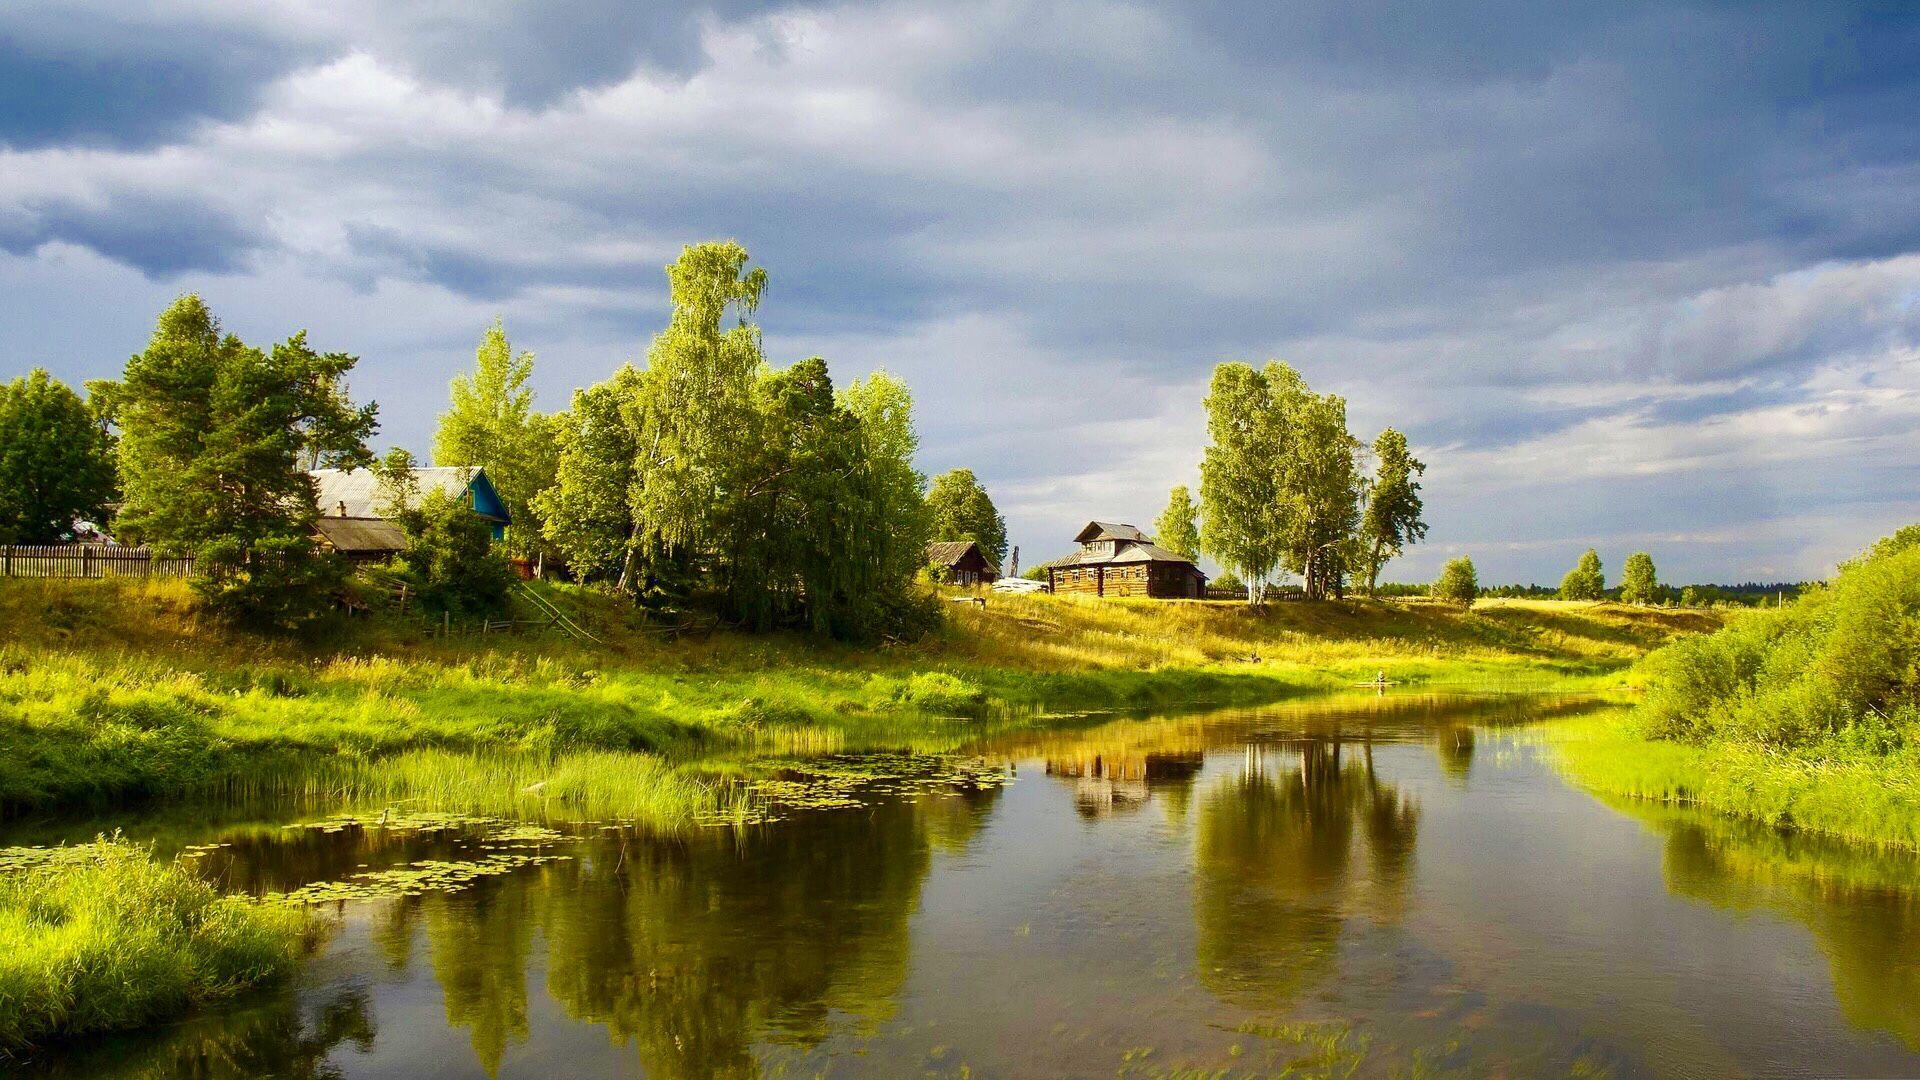 информацию, обои на рабочий стол лето в деревне россия зря среди вступительных